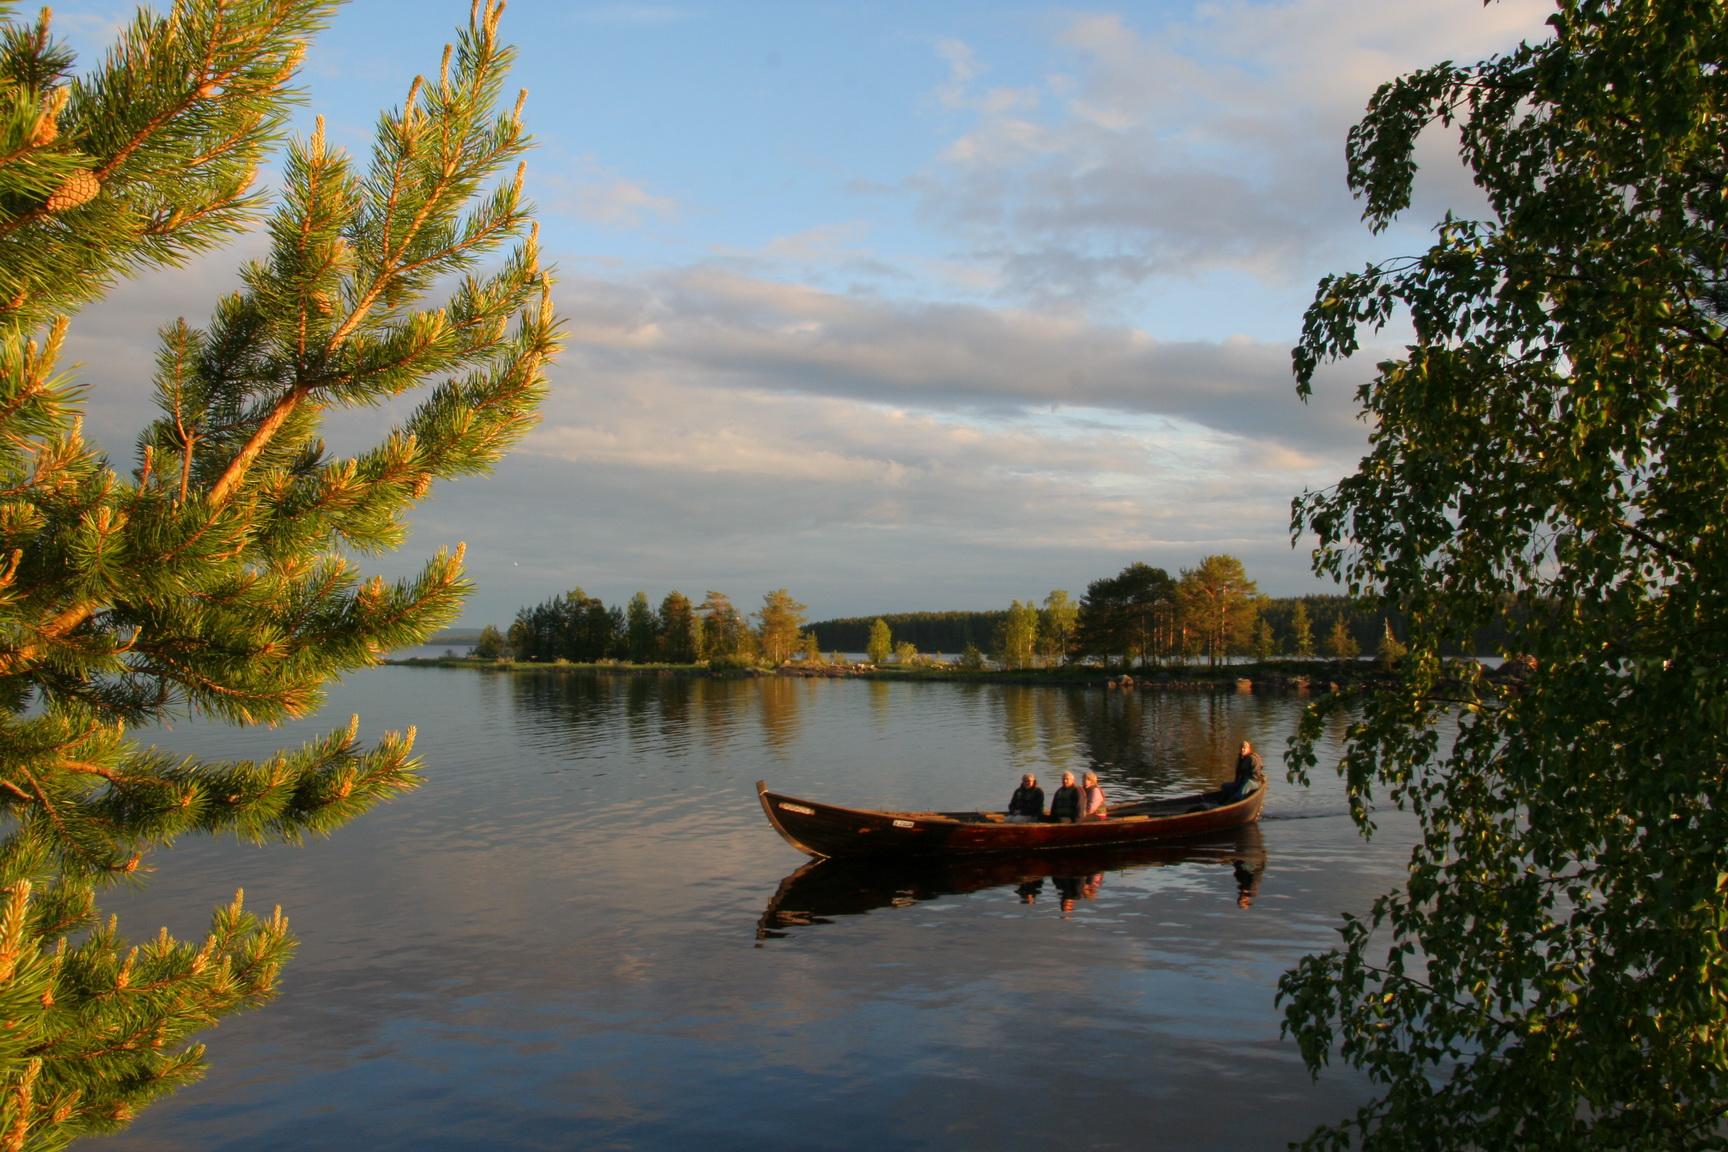 Вуокса - это озерно-речная система